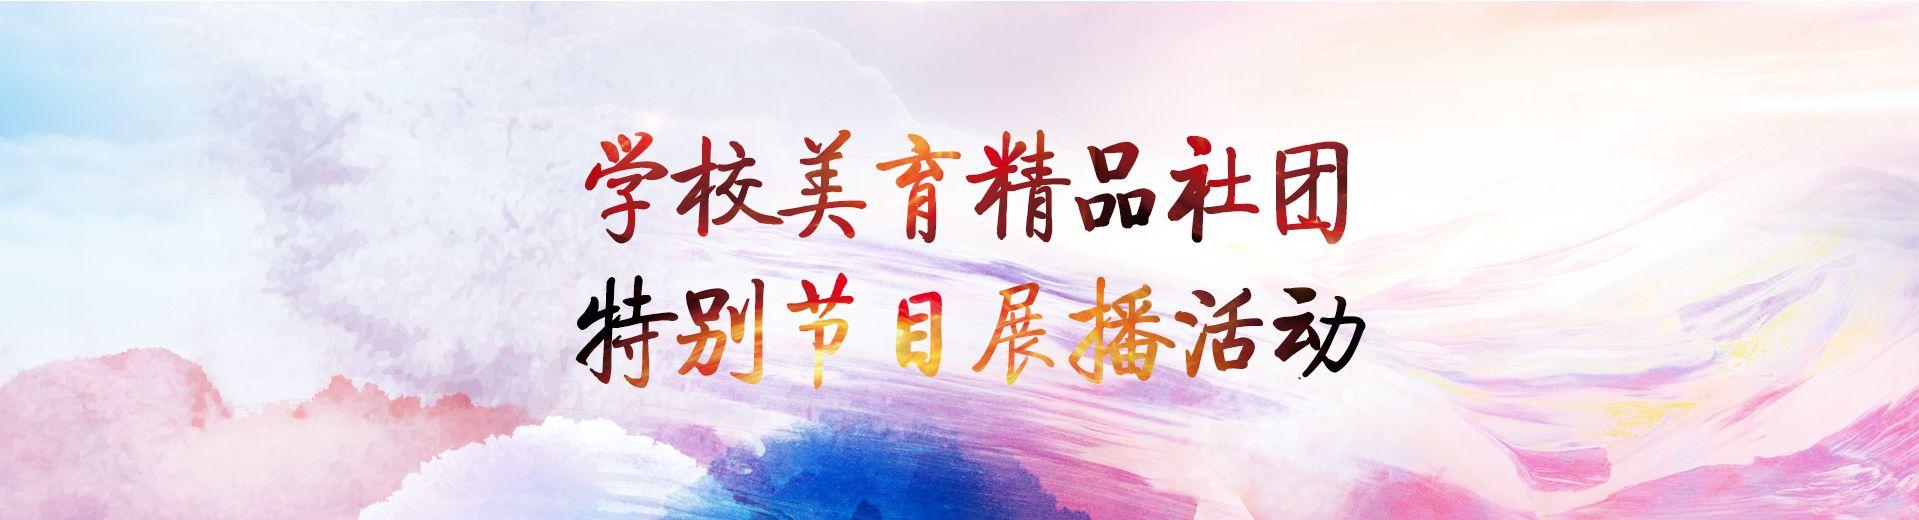 北京市學校美育精品社團特別節目展播活動